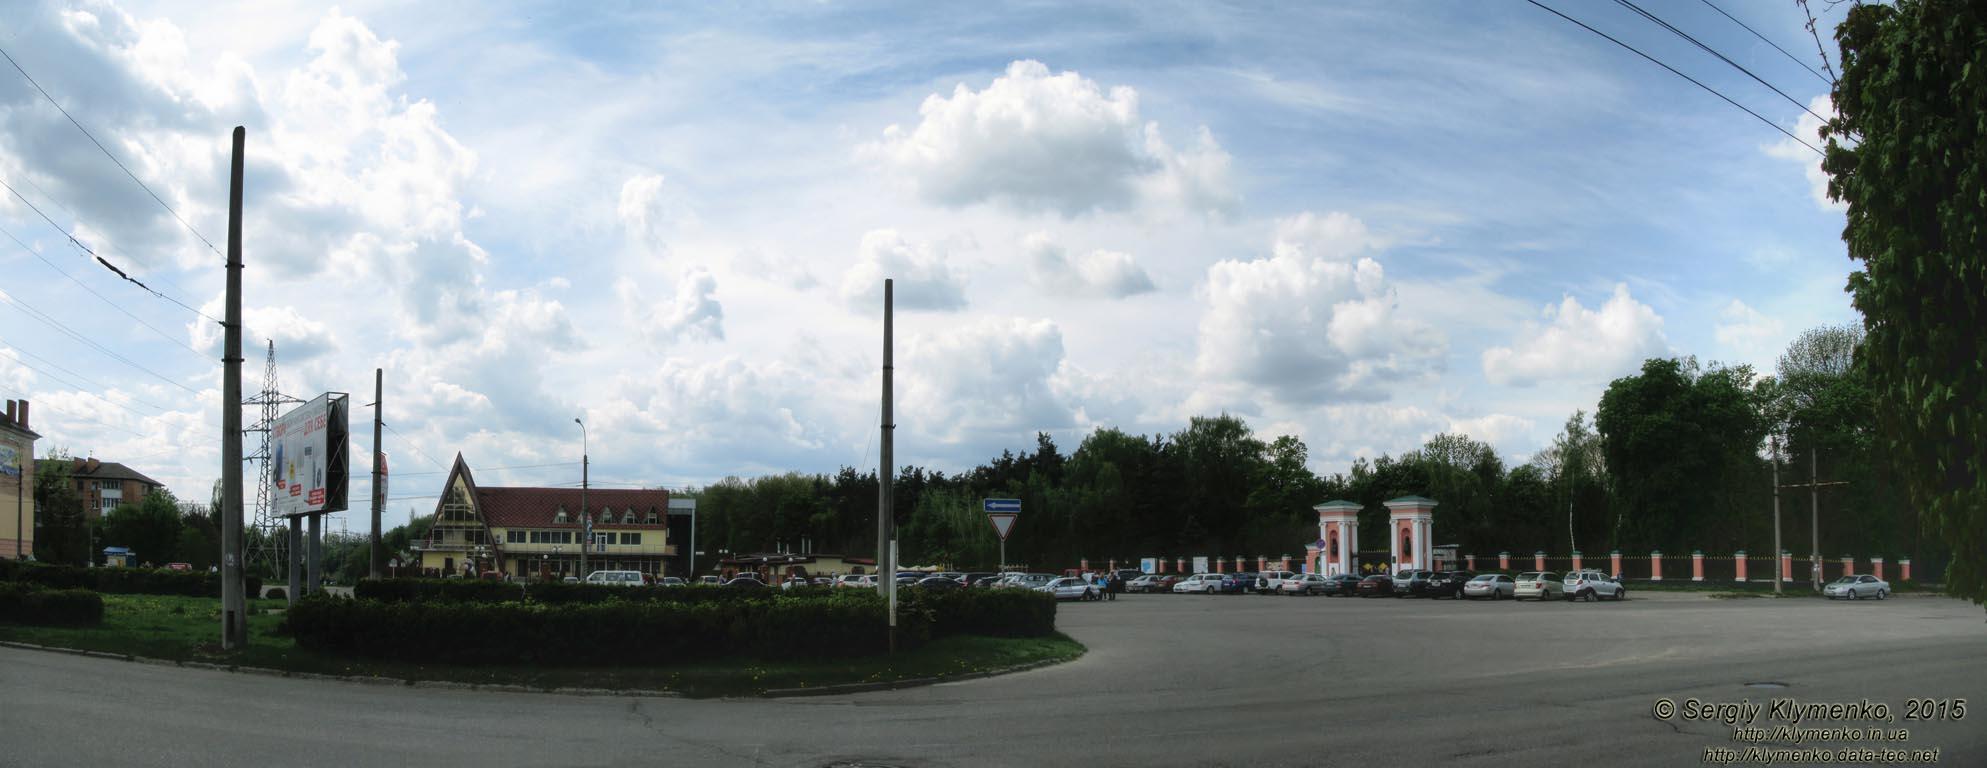 Шалави біла церква 16 фотография